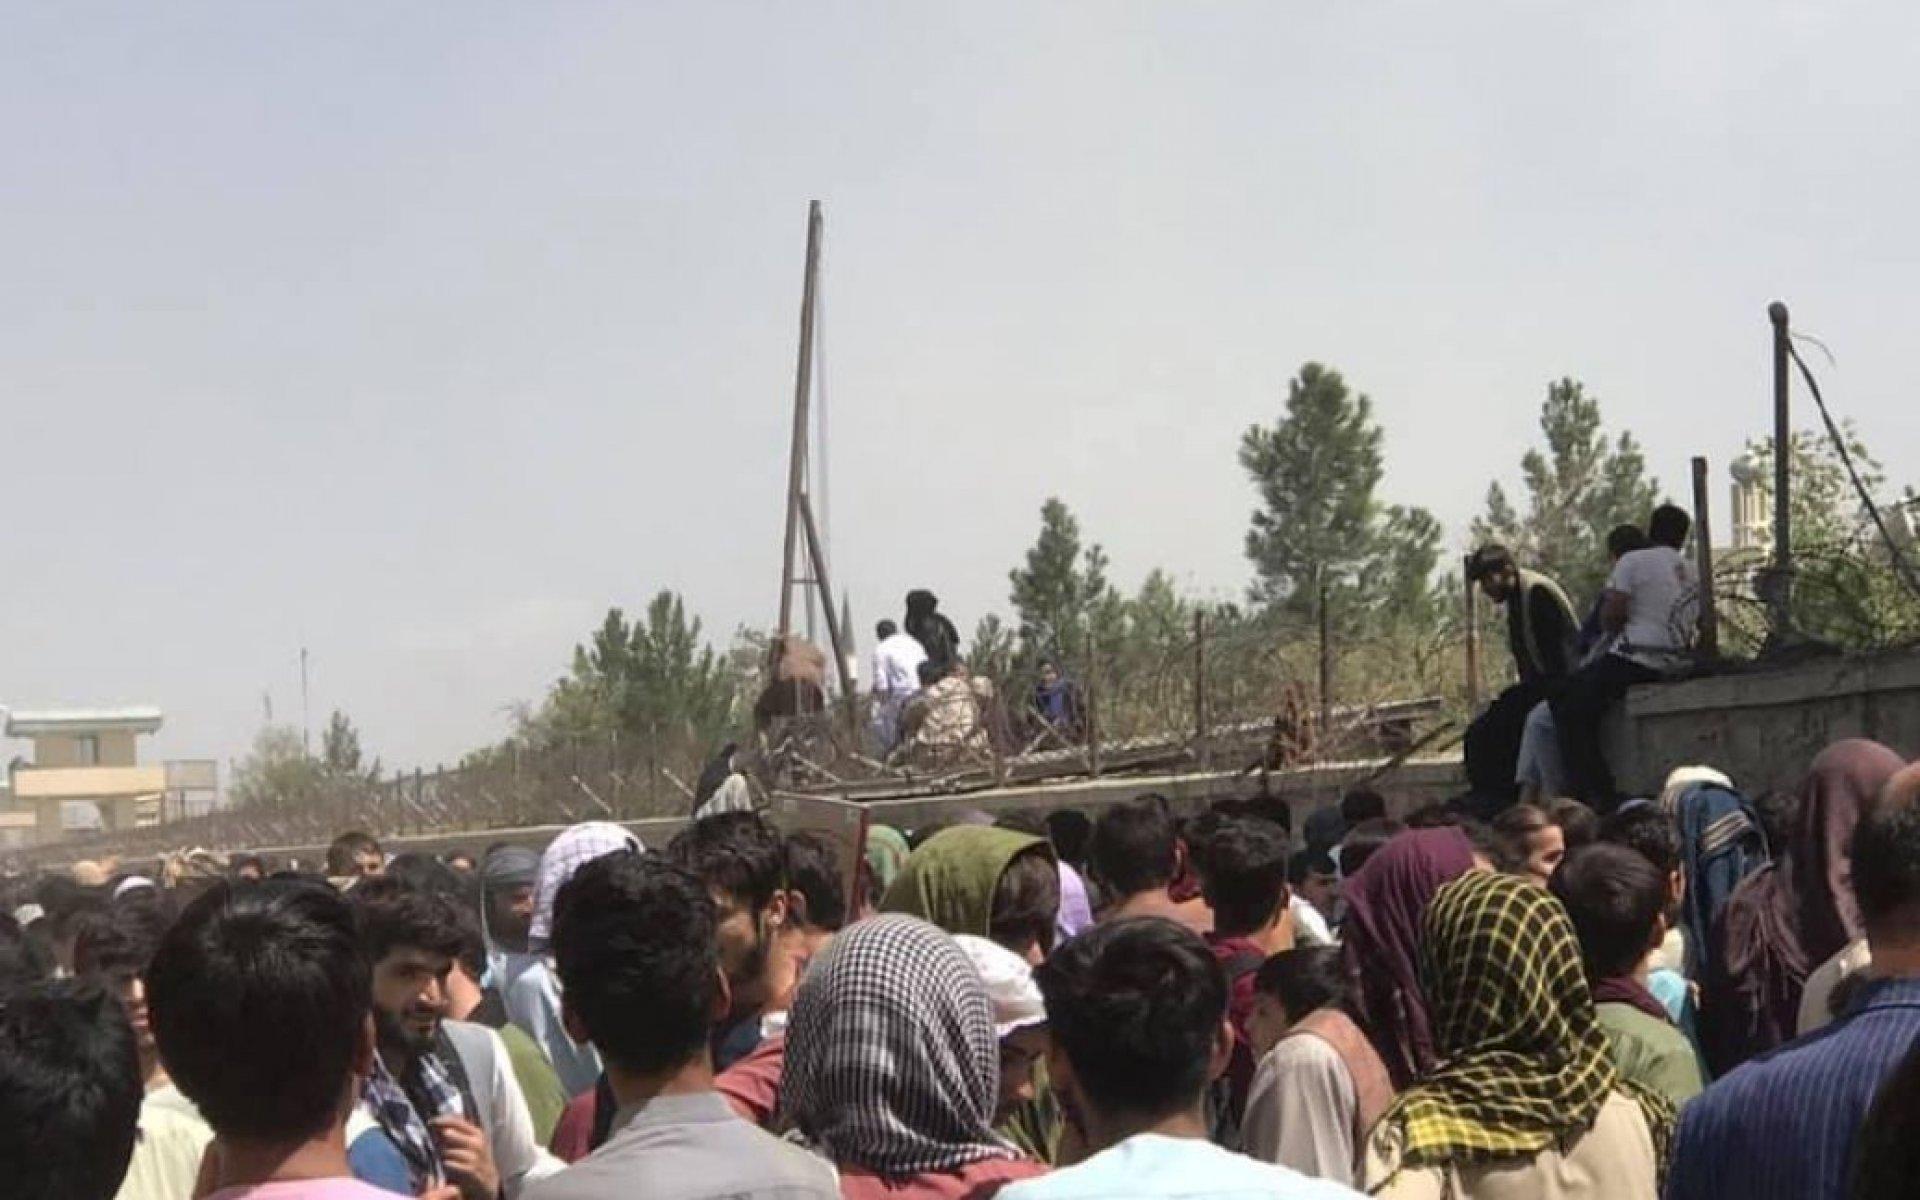 Лидер Исламской партии Афганистана назвал «срежиссированной драмой» ситуацию с тысячами беженцев в аэропорту Кабула